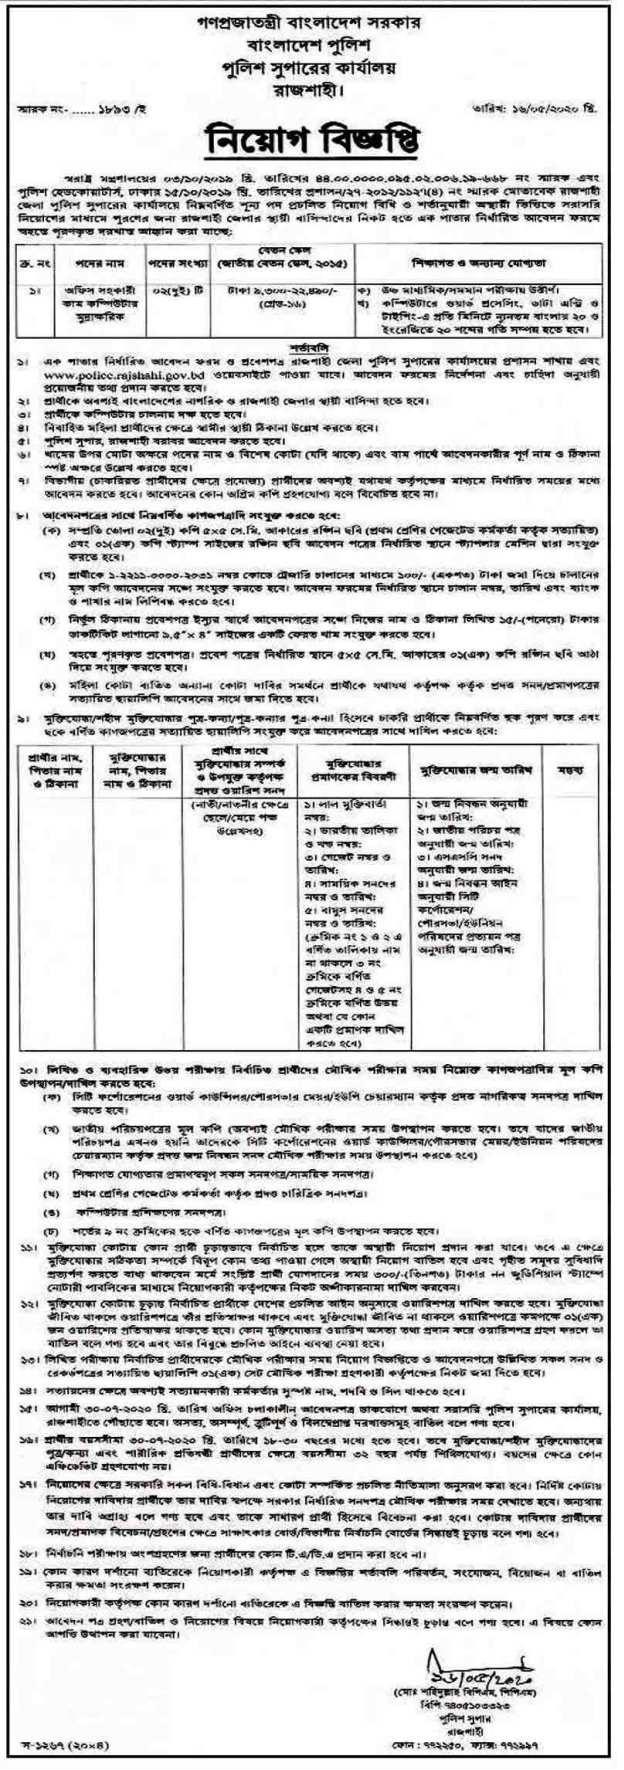 Bangladesh Police Job Circular 2020 – পুলিশে নিয়োগ বিজ্ঞপ্তি | BD Result  Net